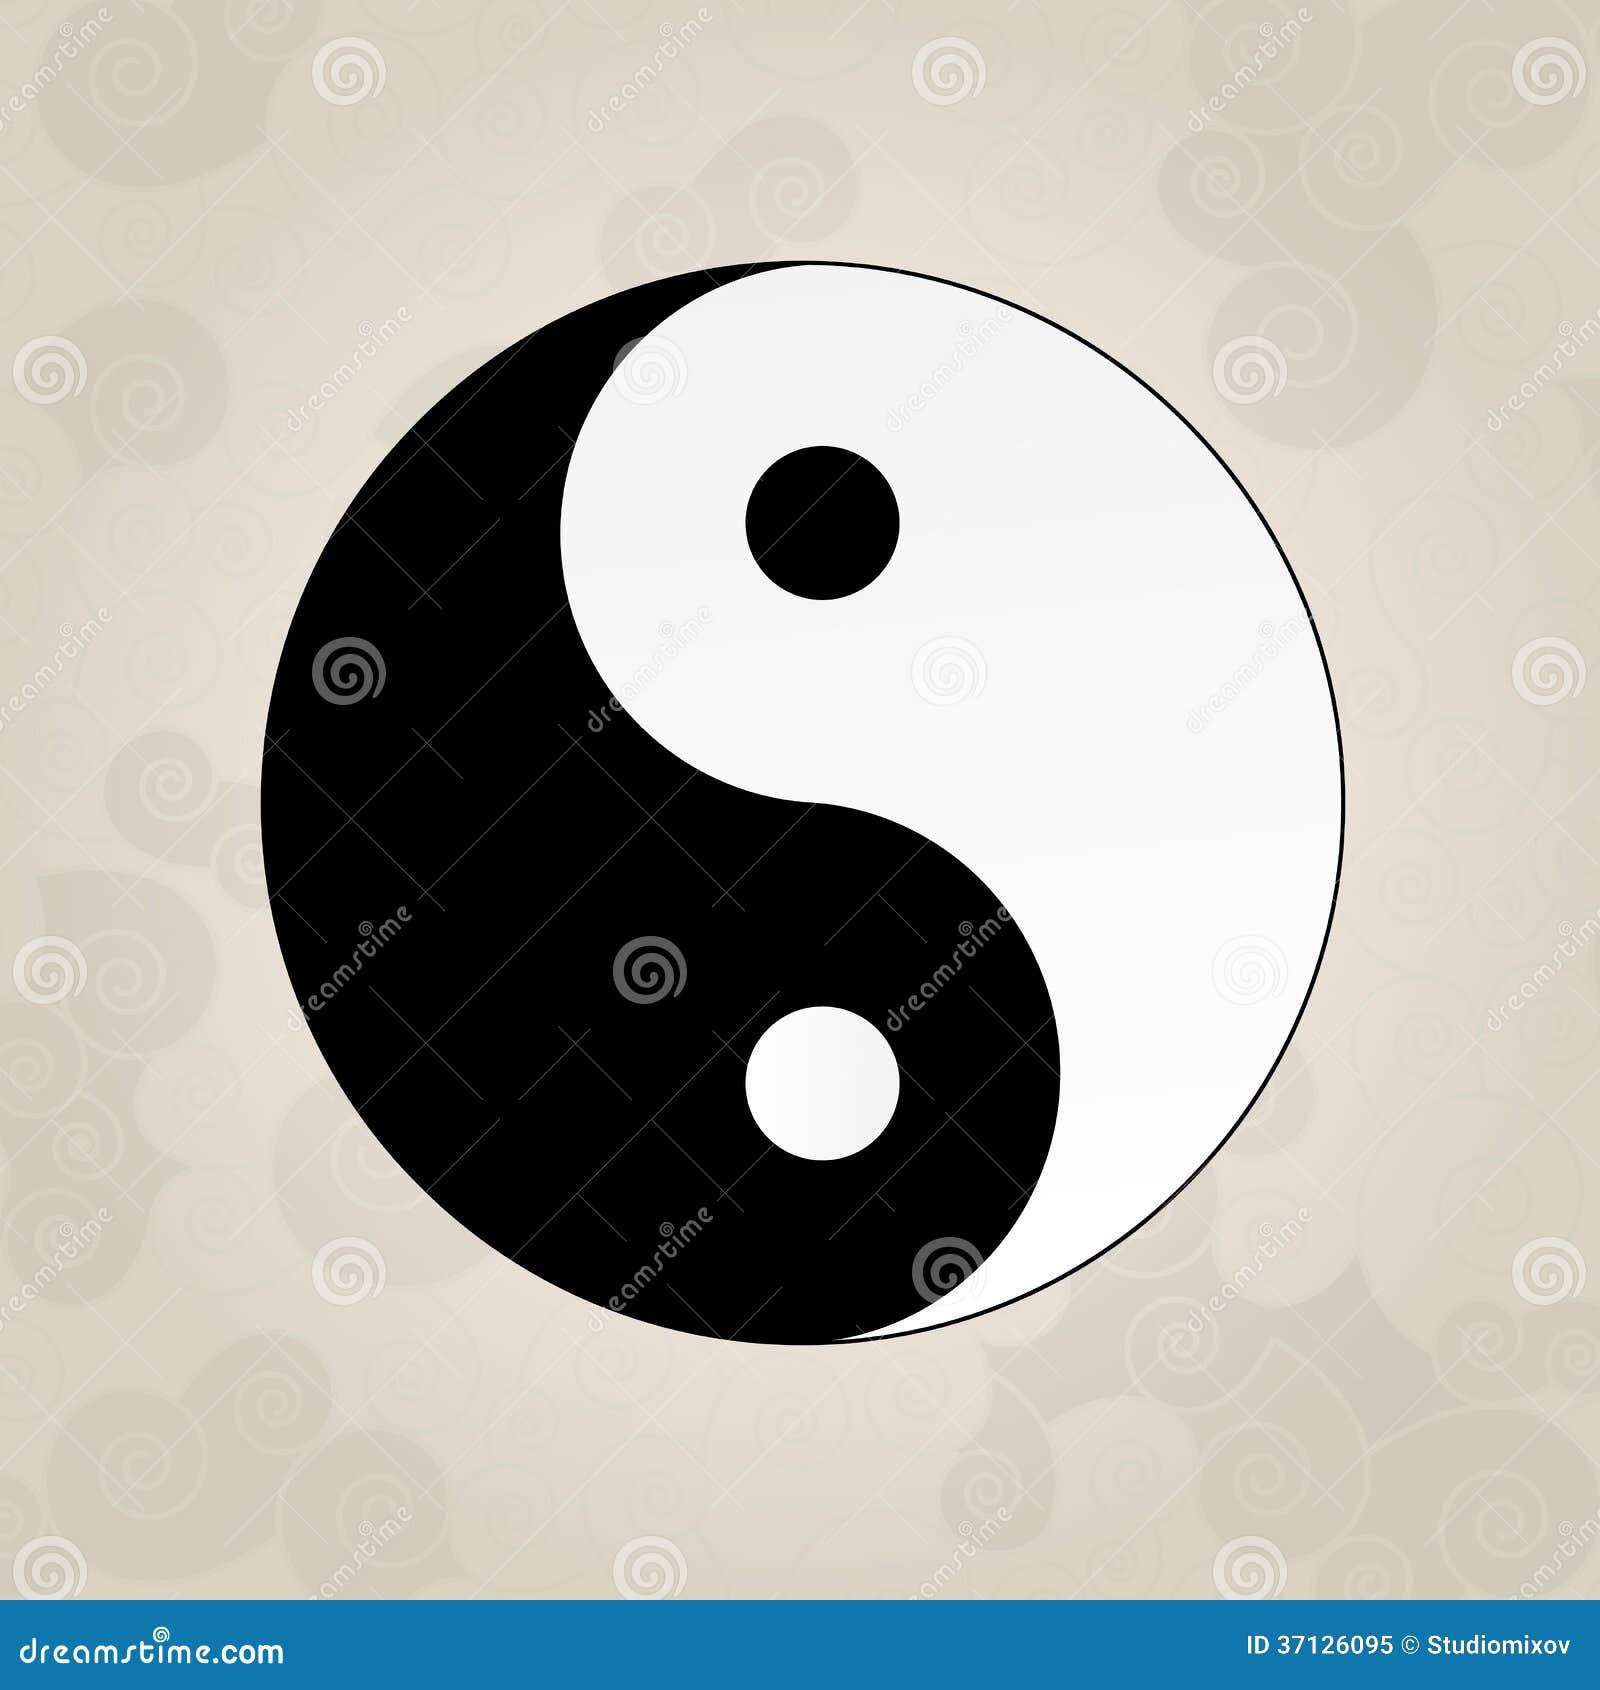 ying yang tatouage de japonais photo libre de droits image 37126095. Black Bedroom Furniture Sets. Home Design Ideas